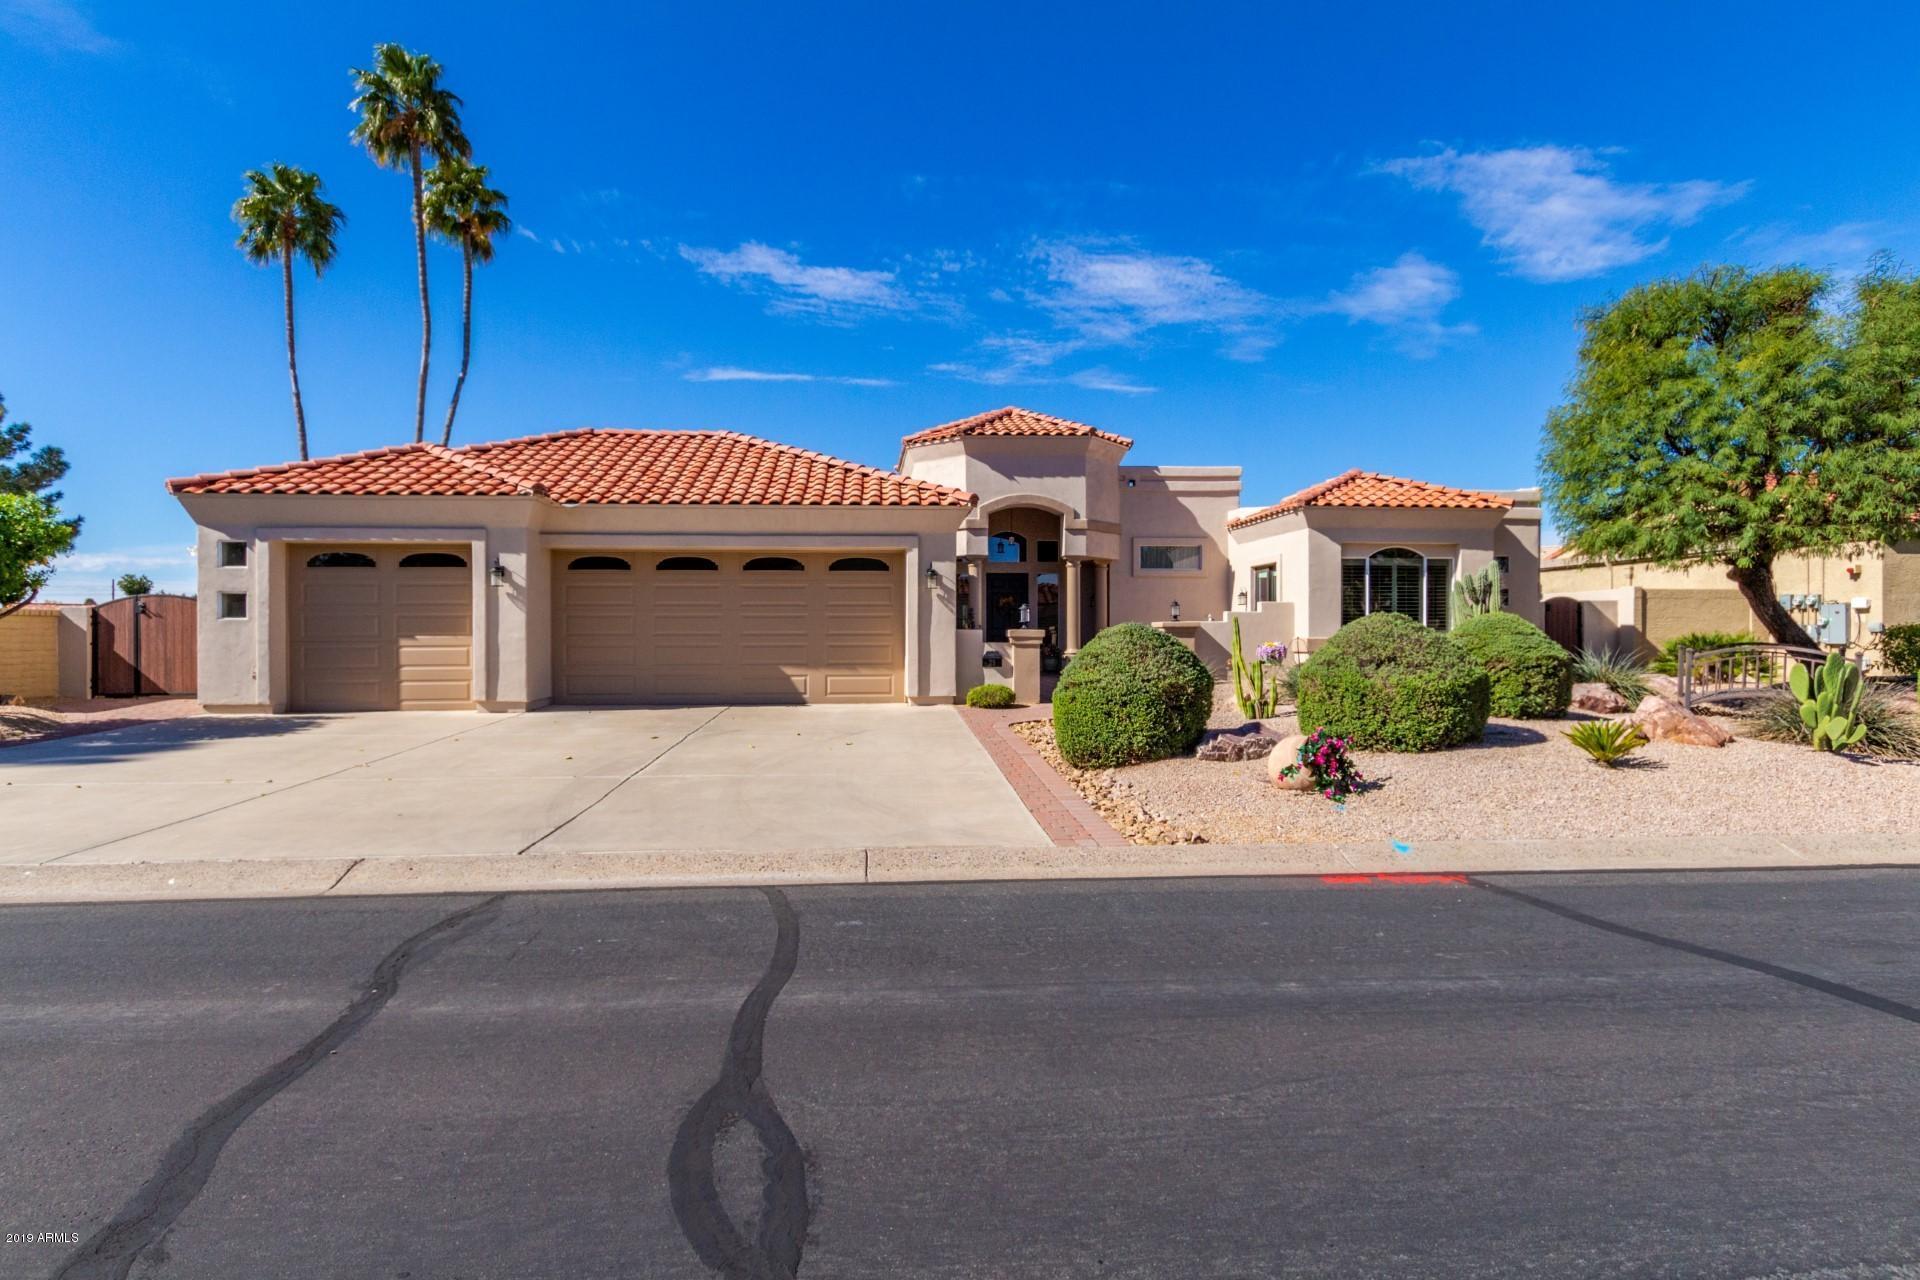 Photo of 5345 E McLellan Road #29, Mesa, AZ 85205